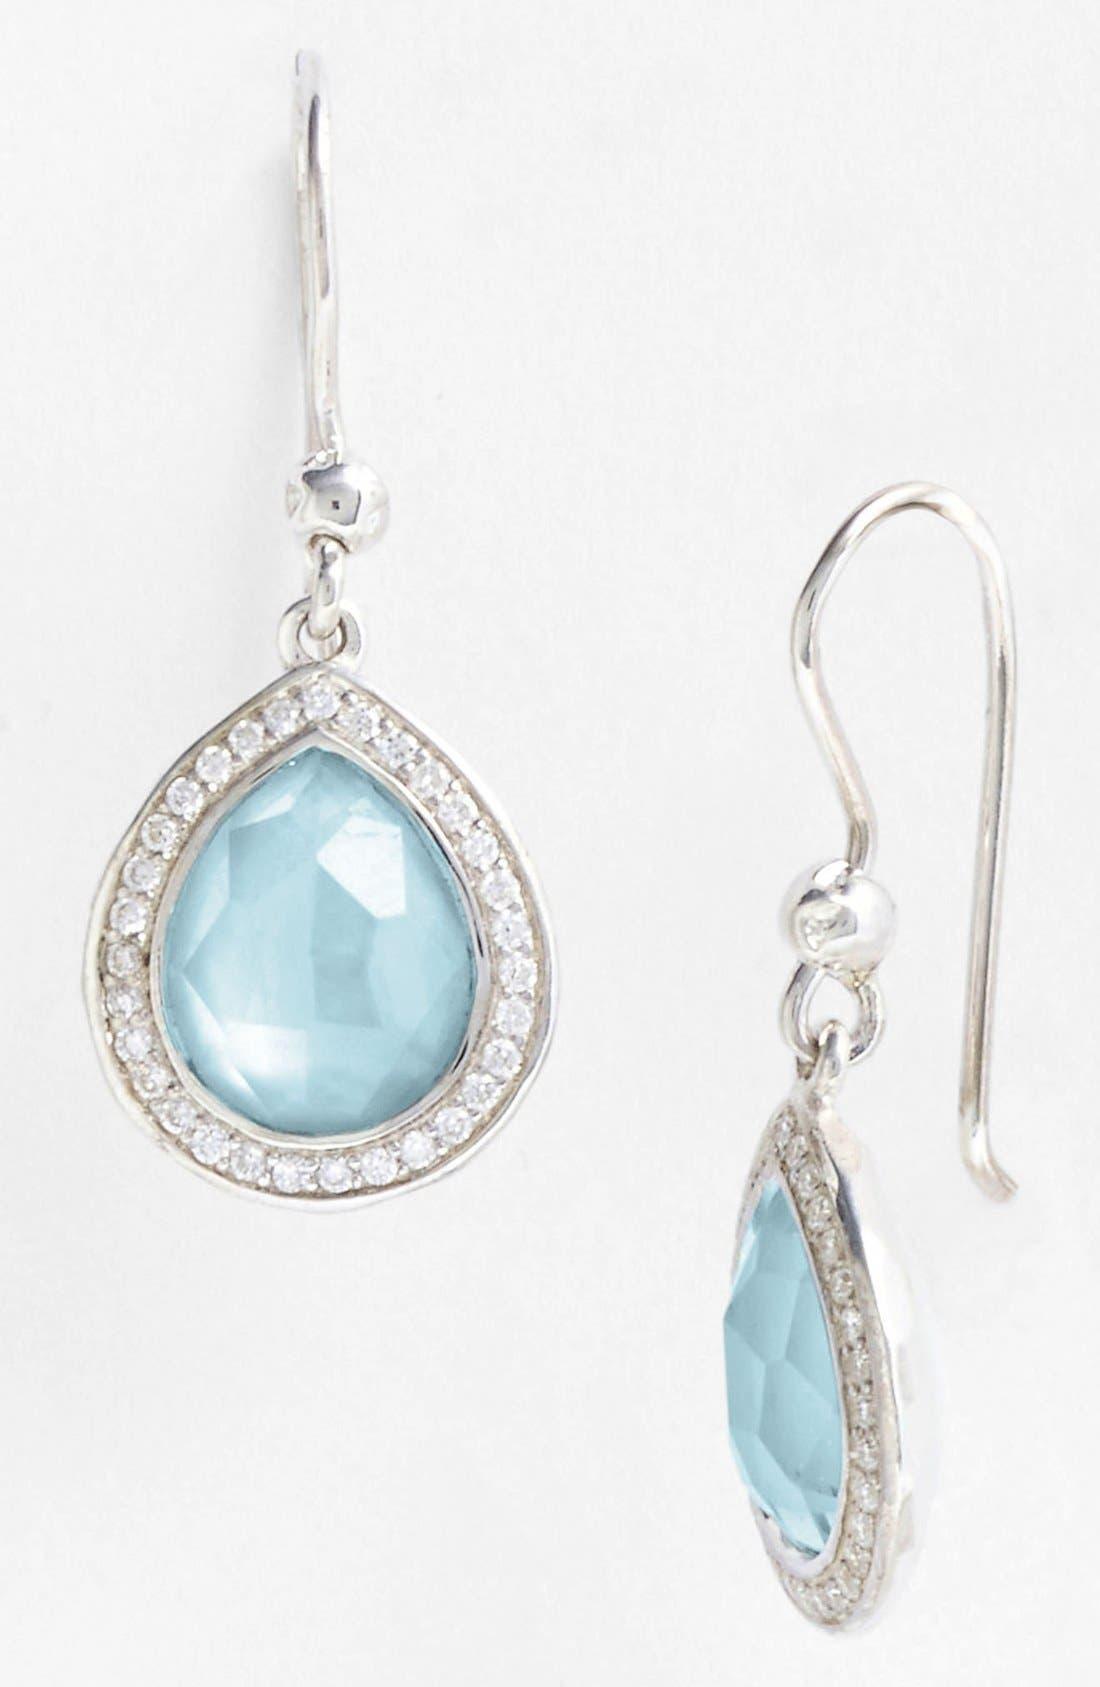 'Stella' Small Teardrop Earrings,                             Alternate thumbnail 2, color,                             Silver/ Blue Topaz